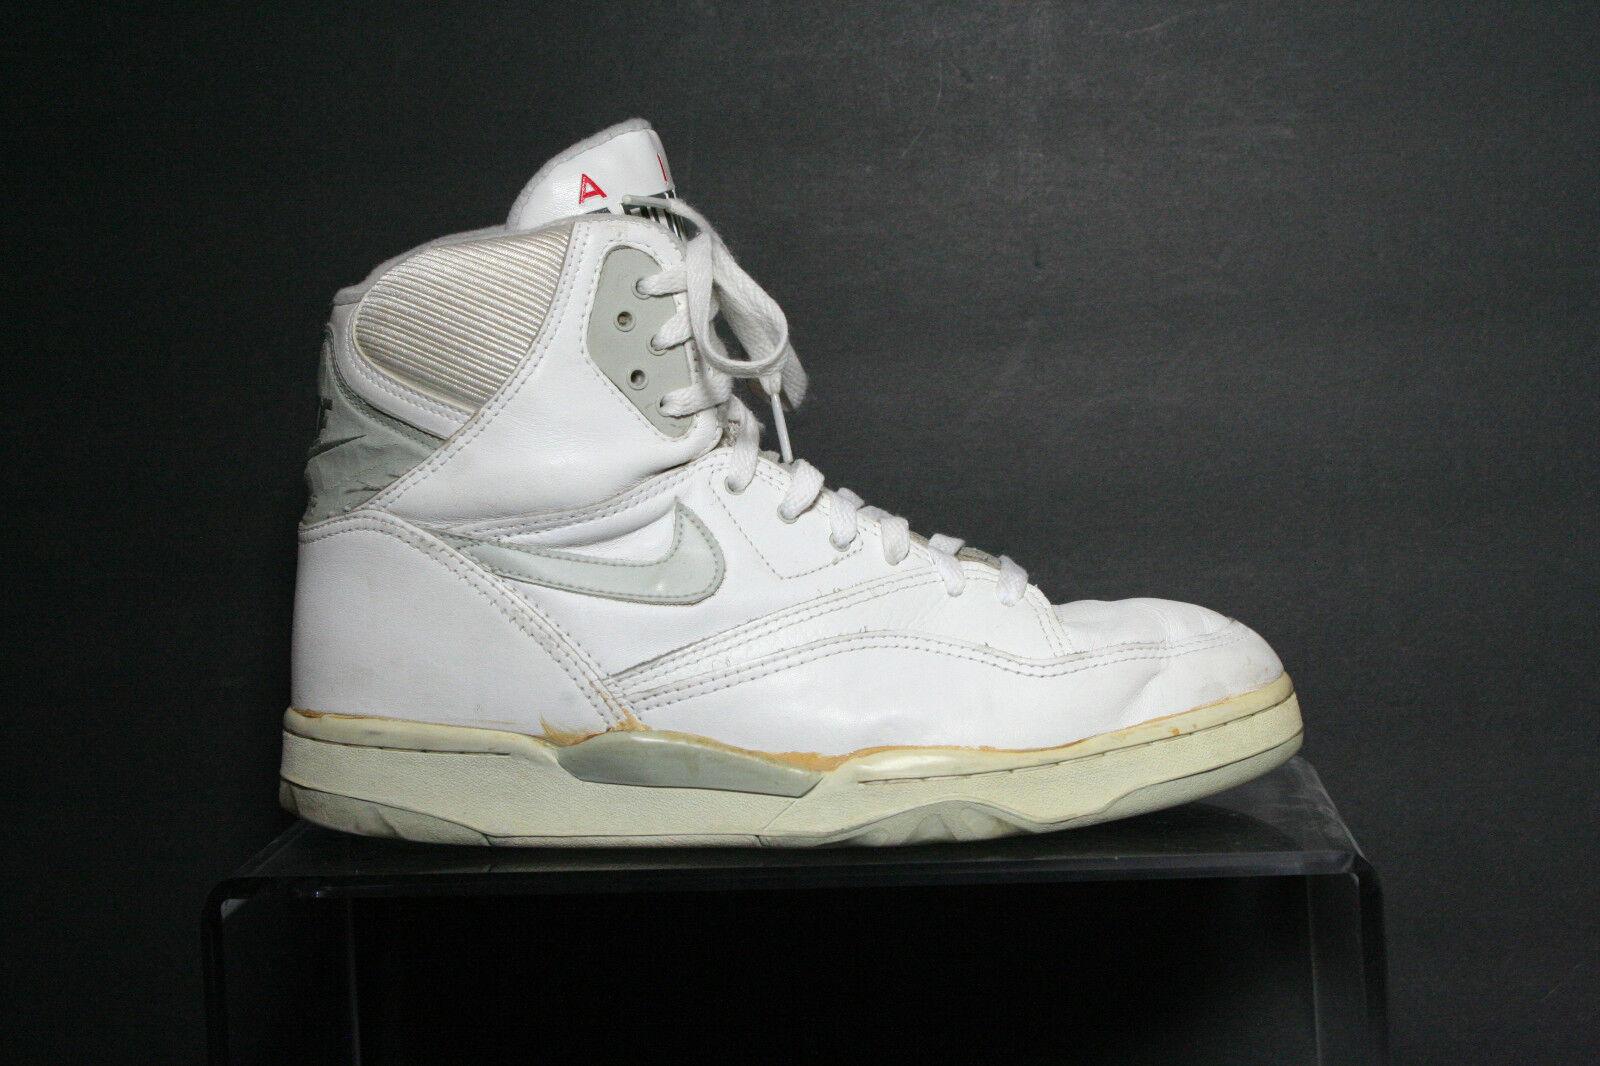 Nike VTG OG Air Transition 1989 Multi White Grey Athletic Women 10.5 Basketball